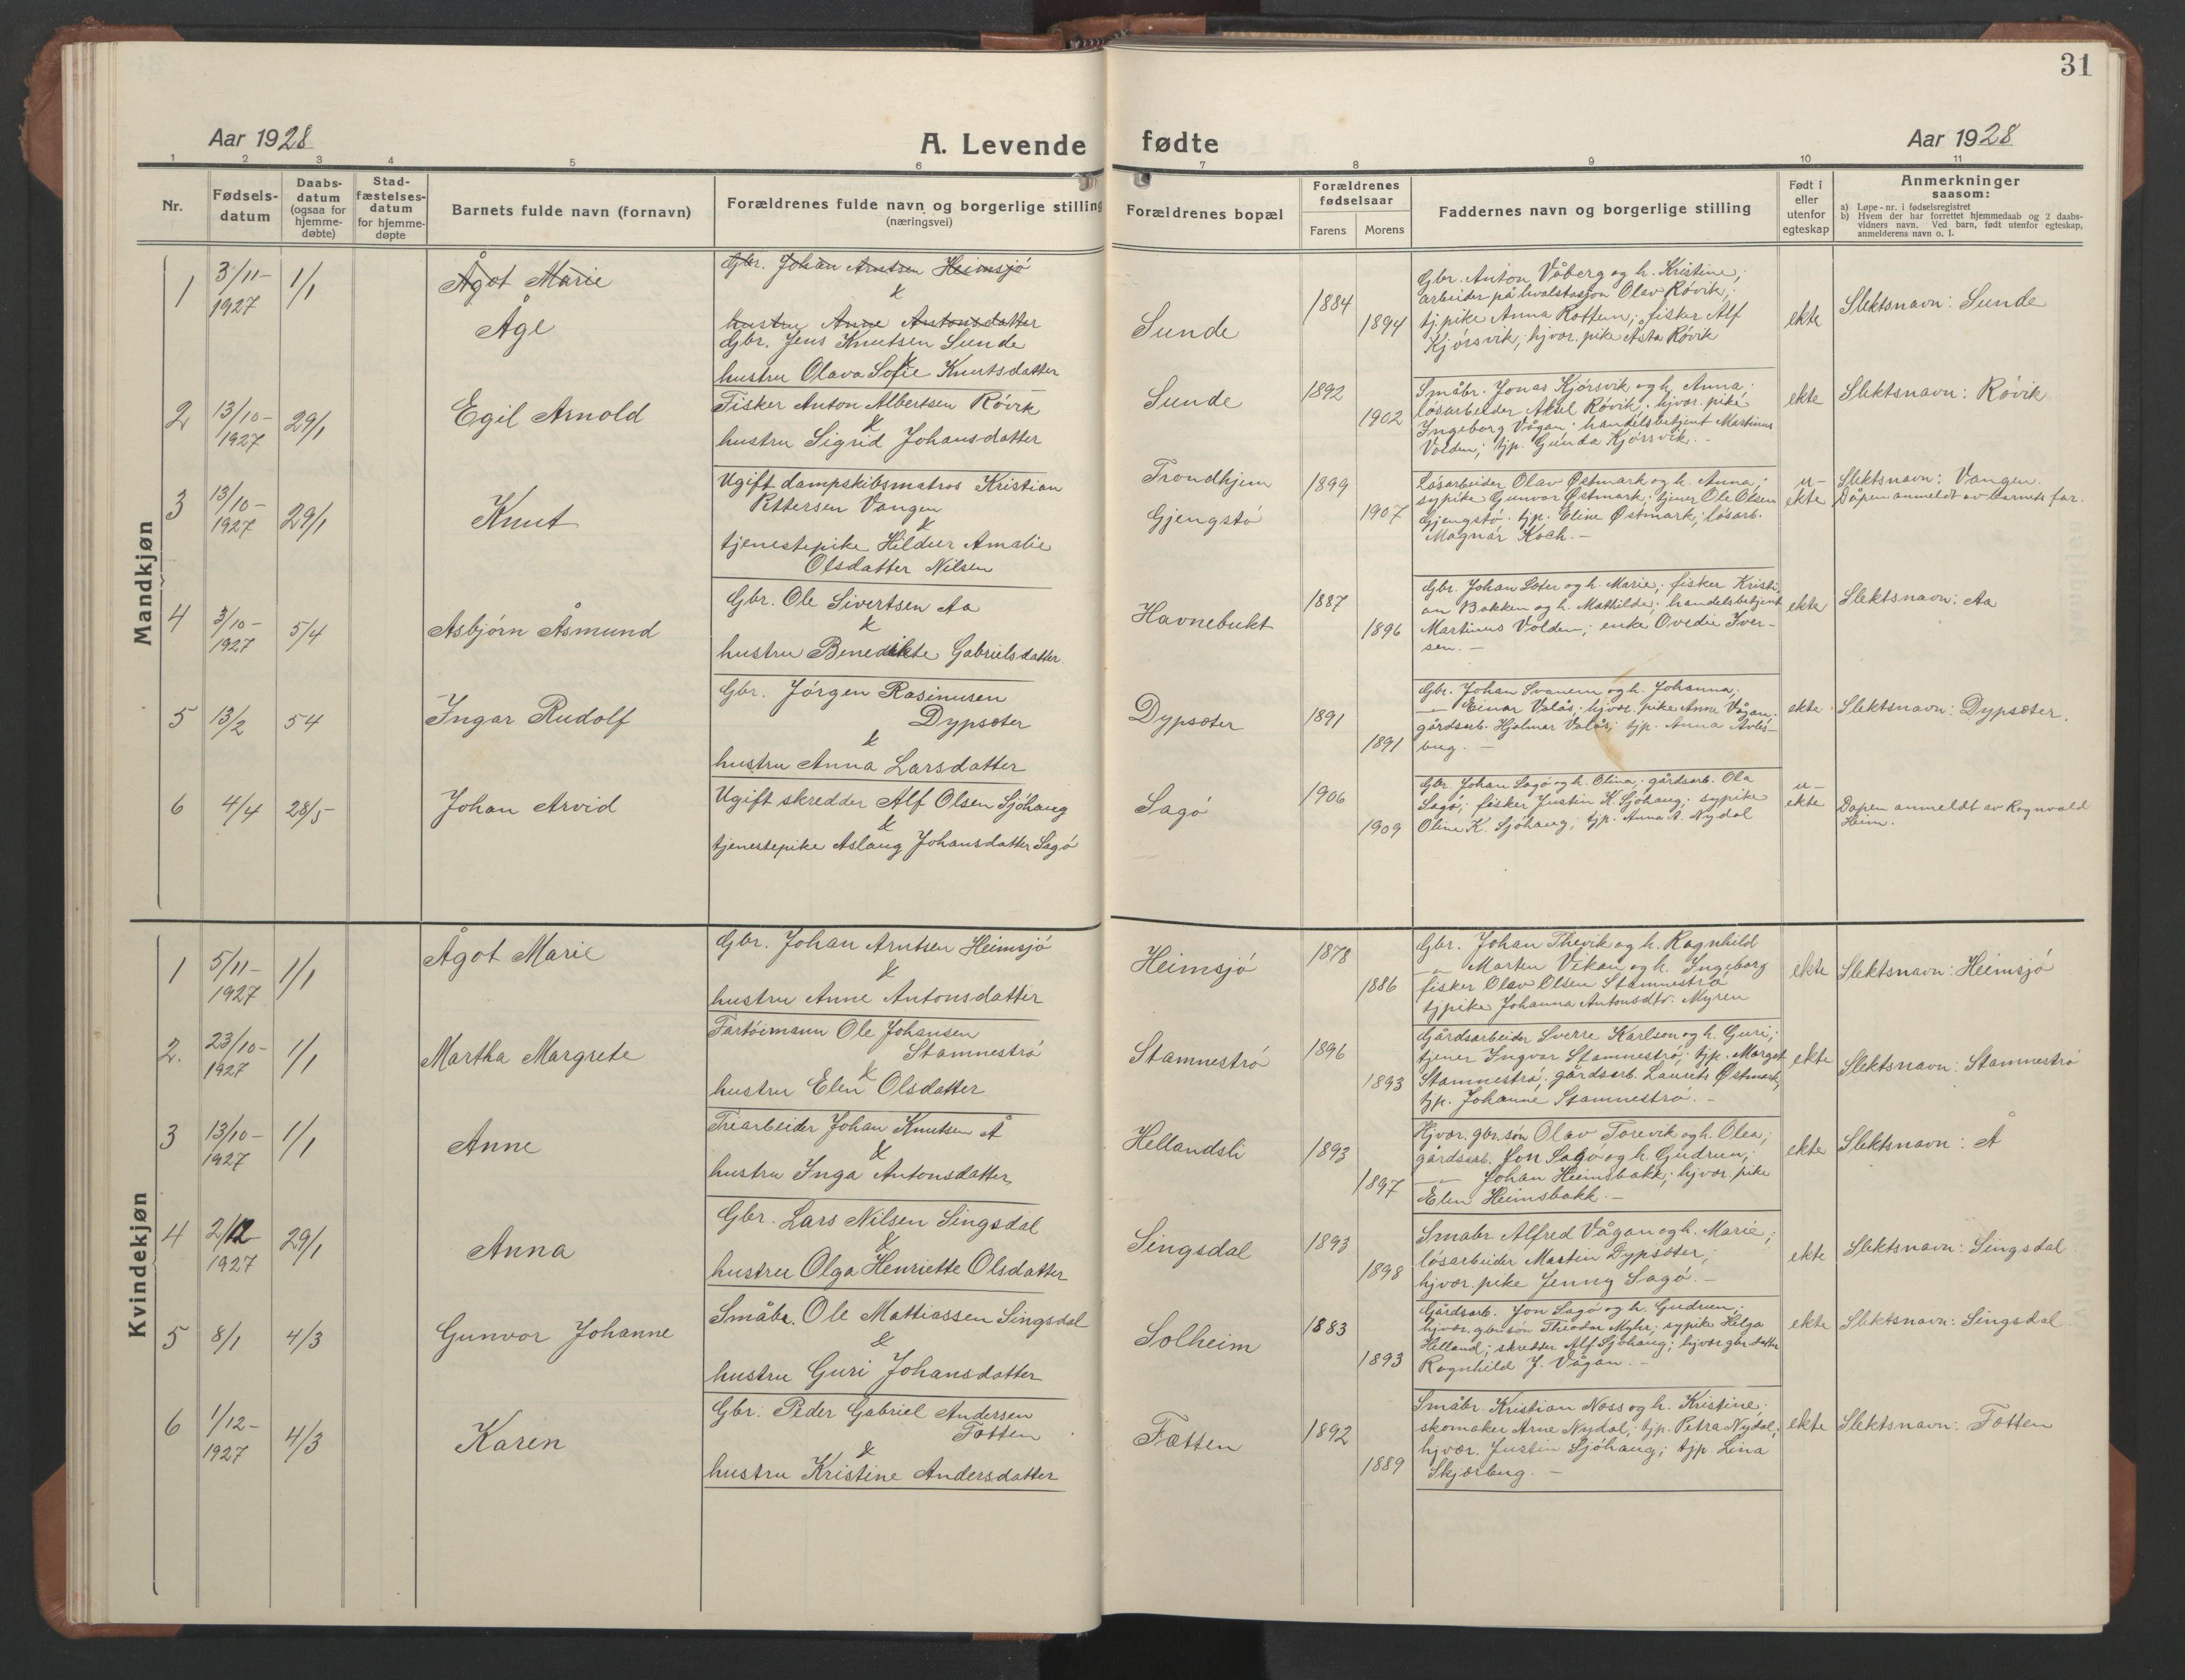 SAT, Ministerialprotokoller, klokkerbøker og fødselsregistre - Sør-Trøndelag, 633/L0521: Klokkerbok nr. 633C03, 1921-1941, s. 31